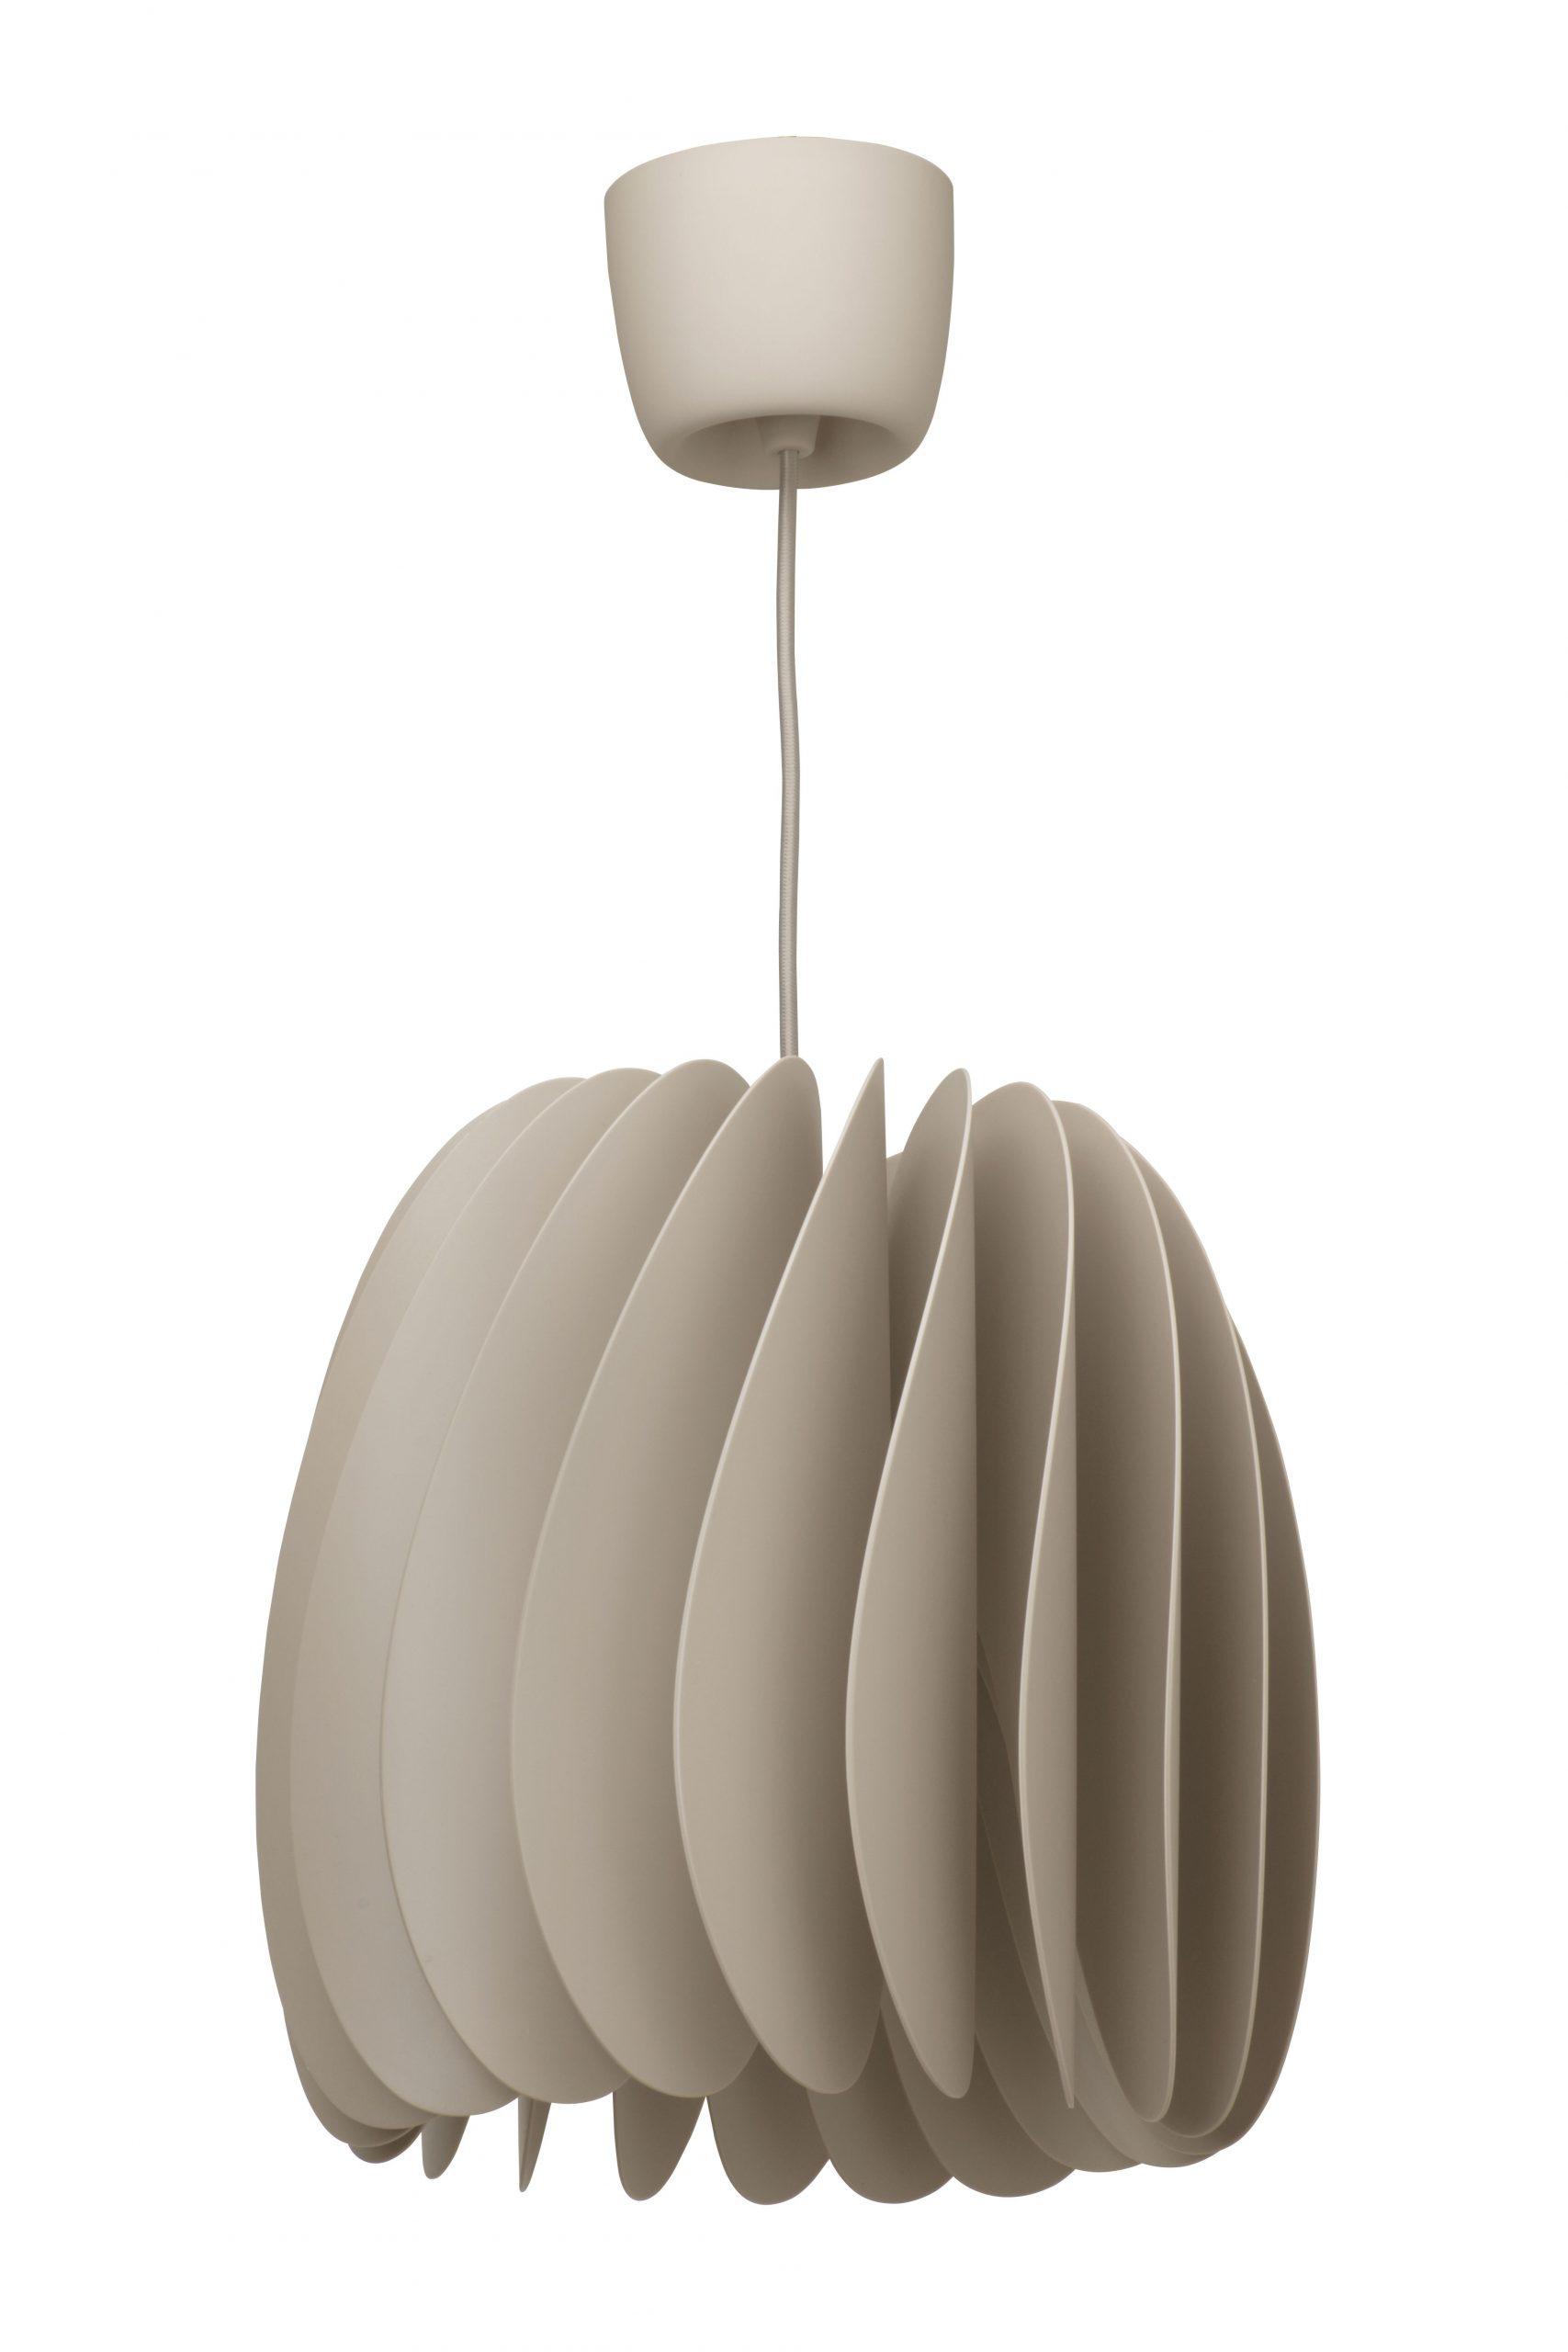 Full Size of Deckenlampe Ikea Skymningen Hngeleuchte Beige Deutschland In 2020 Esstisch Modulküche Sofa Mit Schlaffunktion Betten 160x200 Küche Wohnzimmer Deckenlampen Wohnzimmer Deckenlampe Ikea